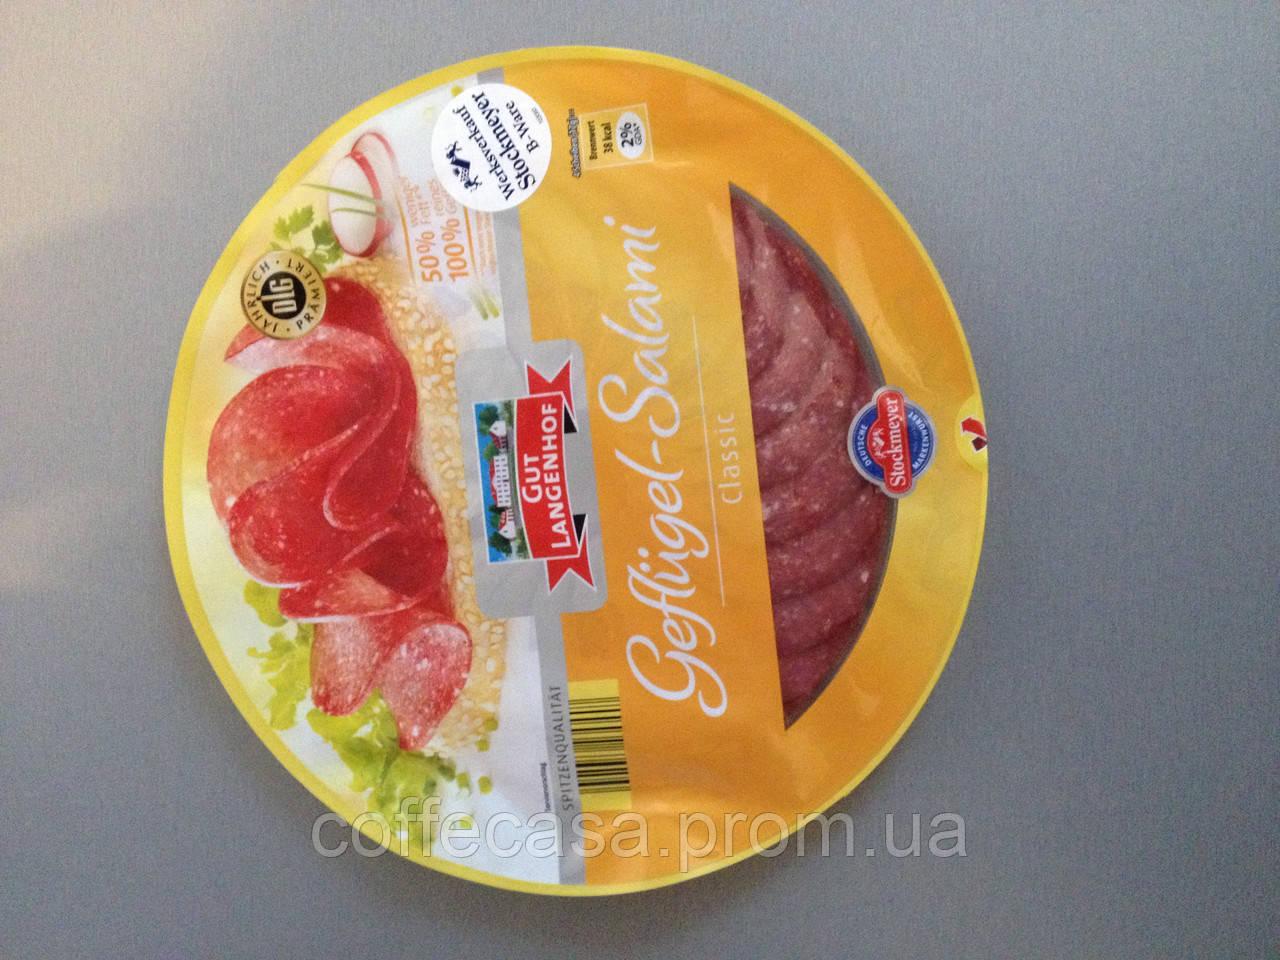 Geflügel-Salami Classic 100g